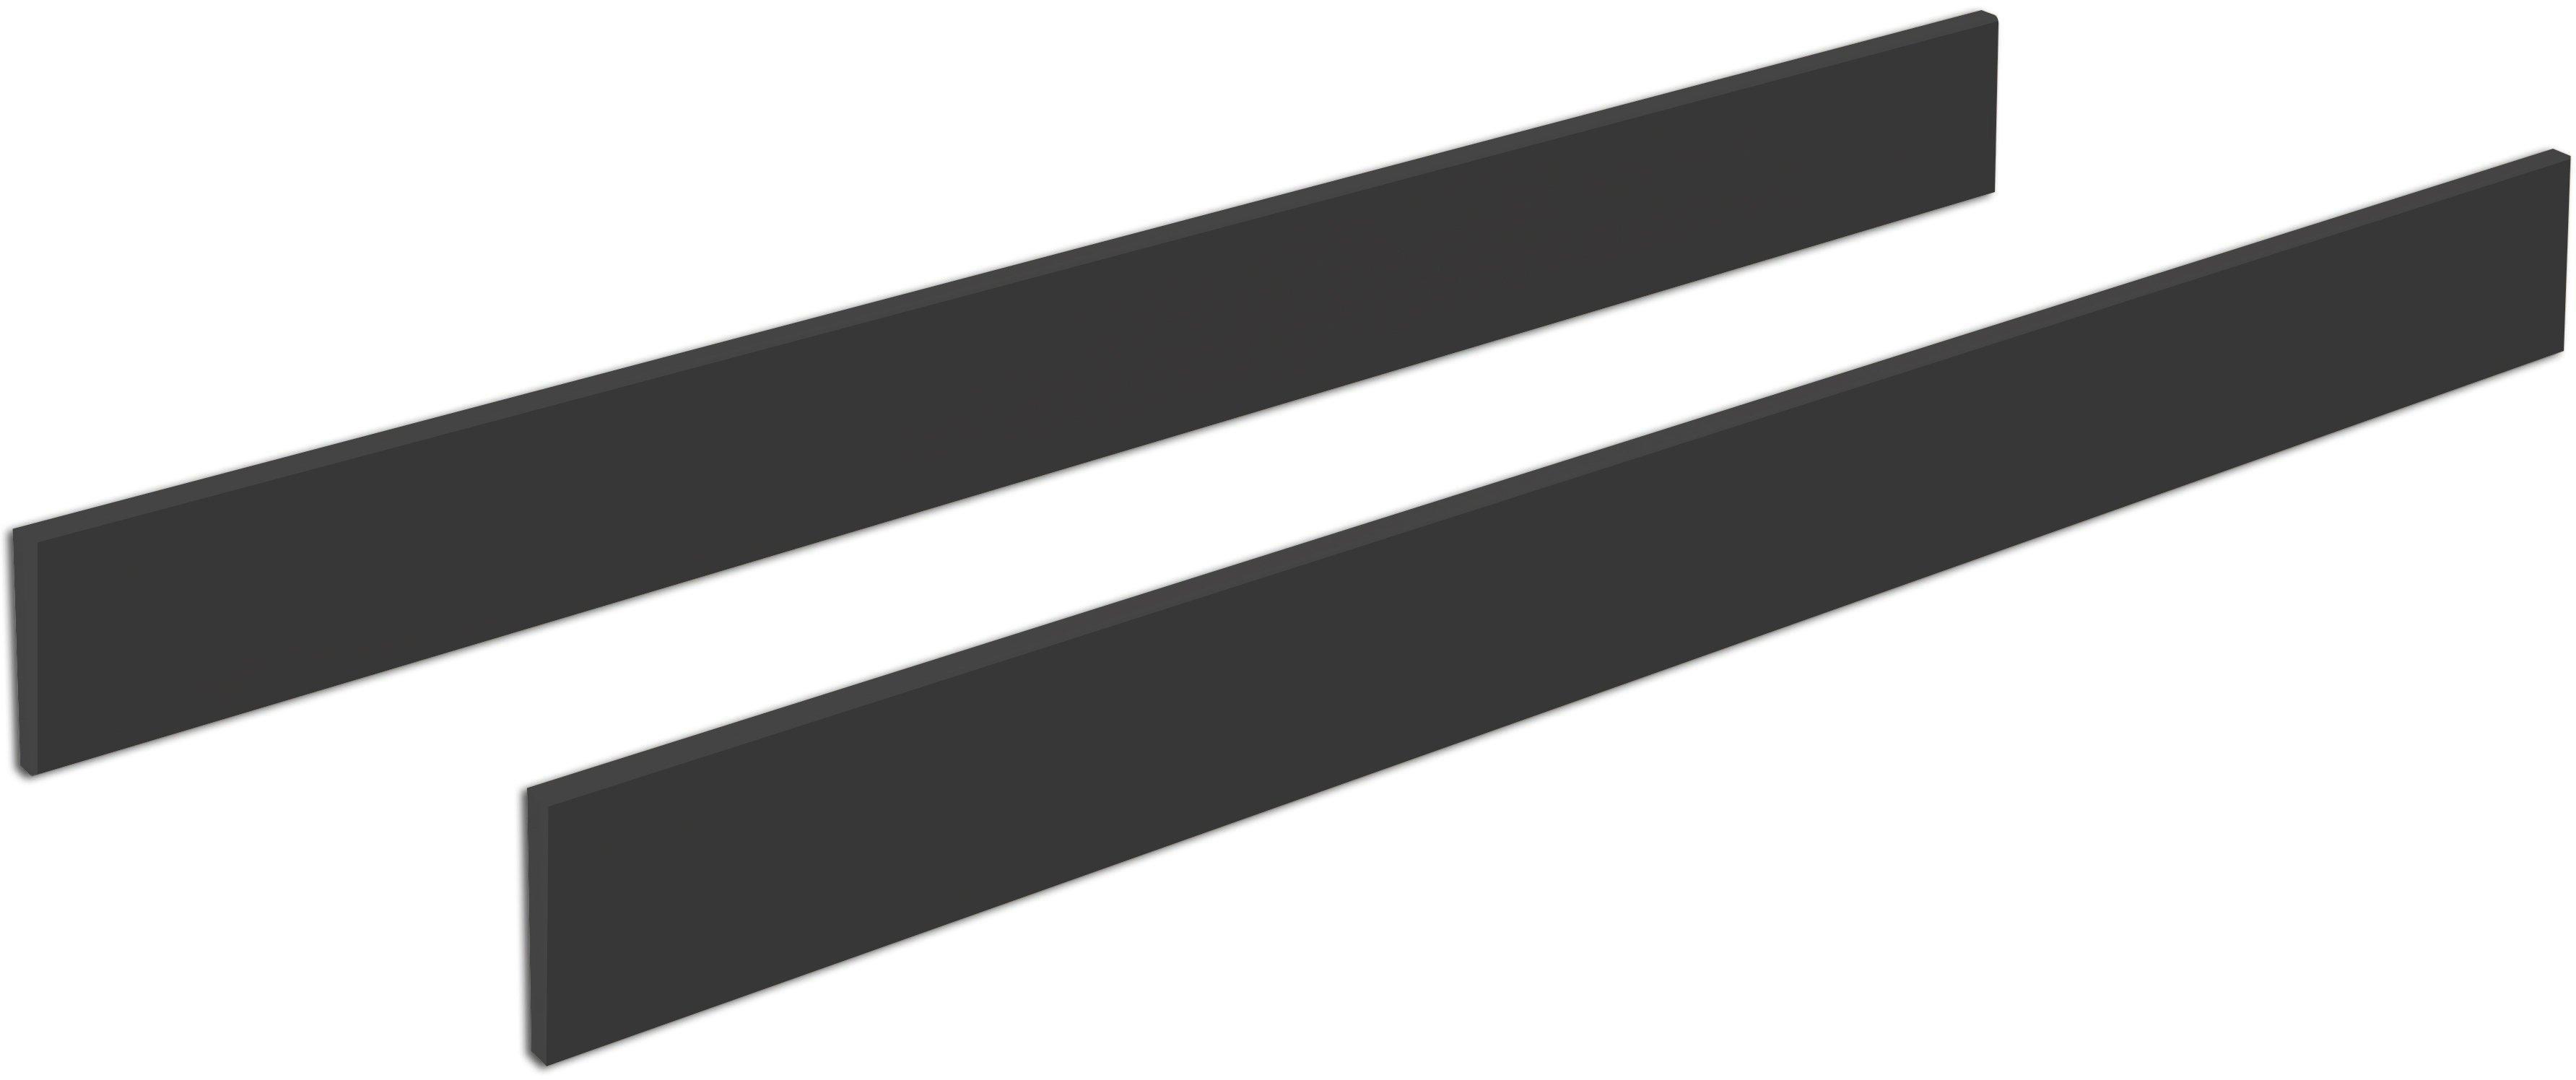 Schardt ombouwzijkanten Sienna Black Made in Germany (2 stuks) nu online bestellen